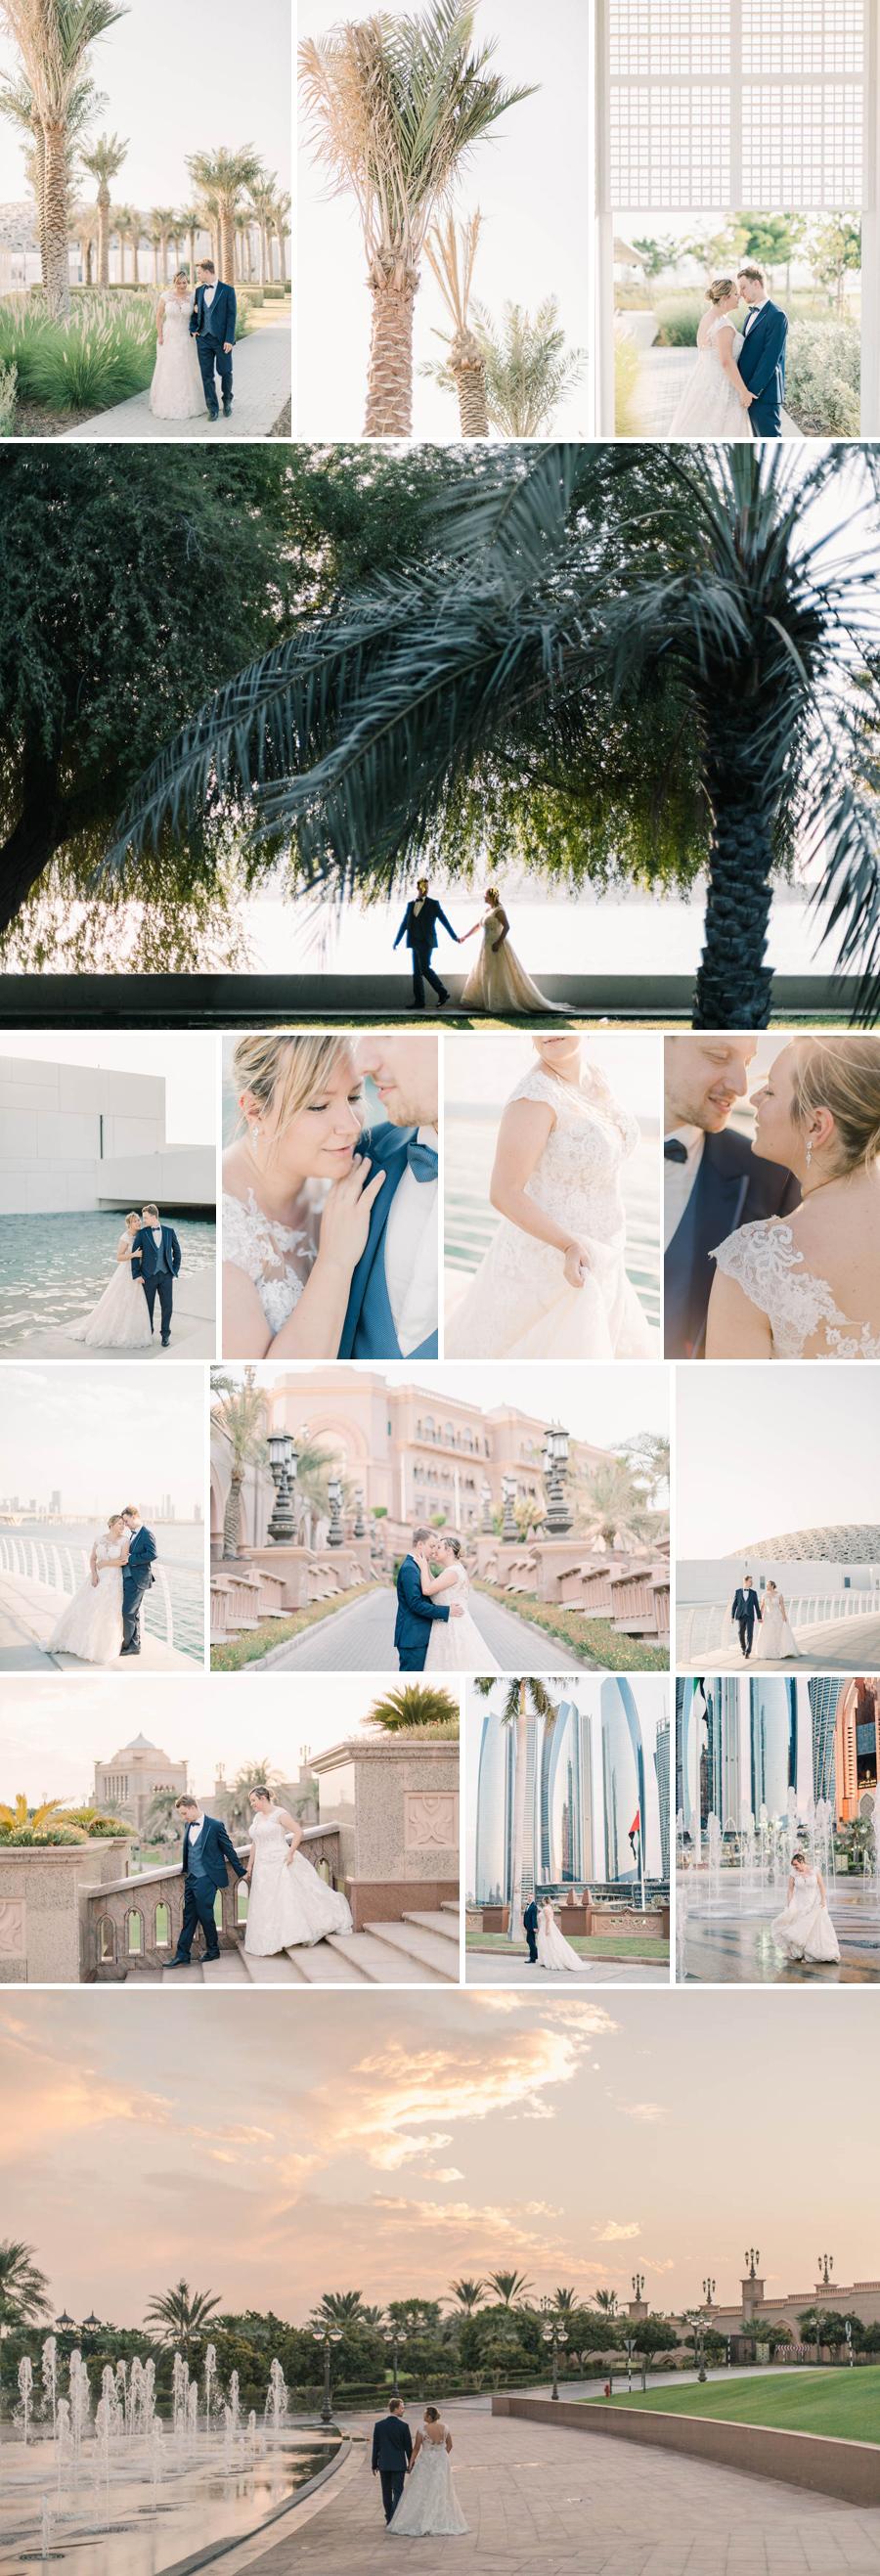 wedding photographer abu dhabi emirates palace louvres